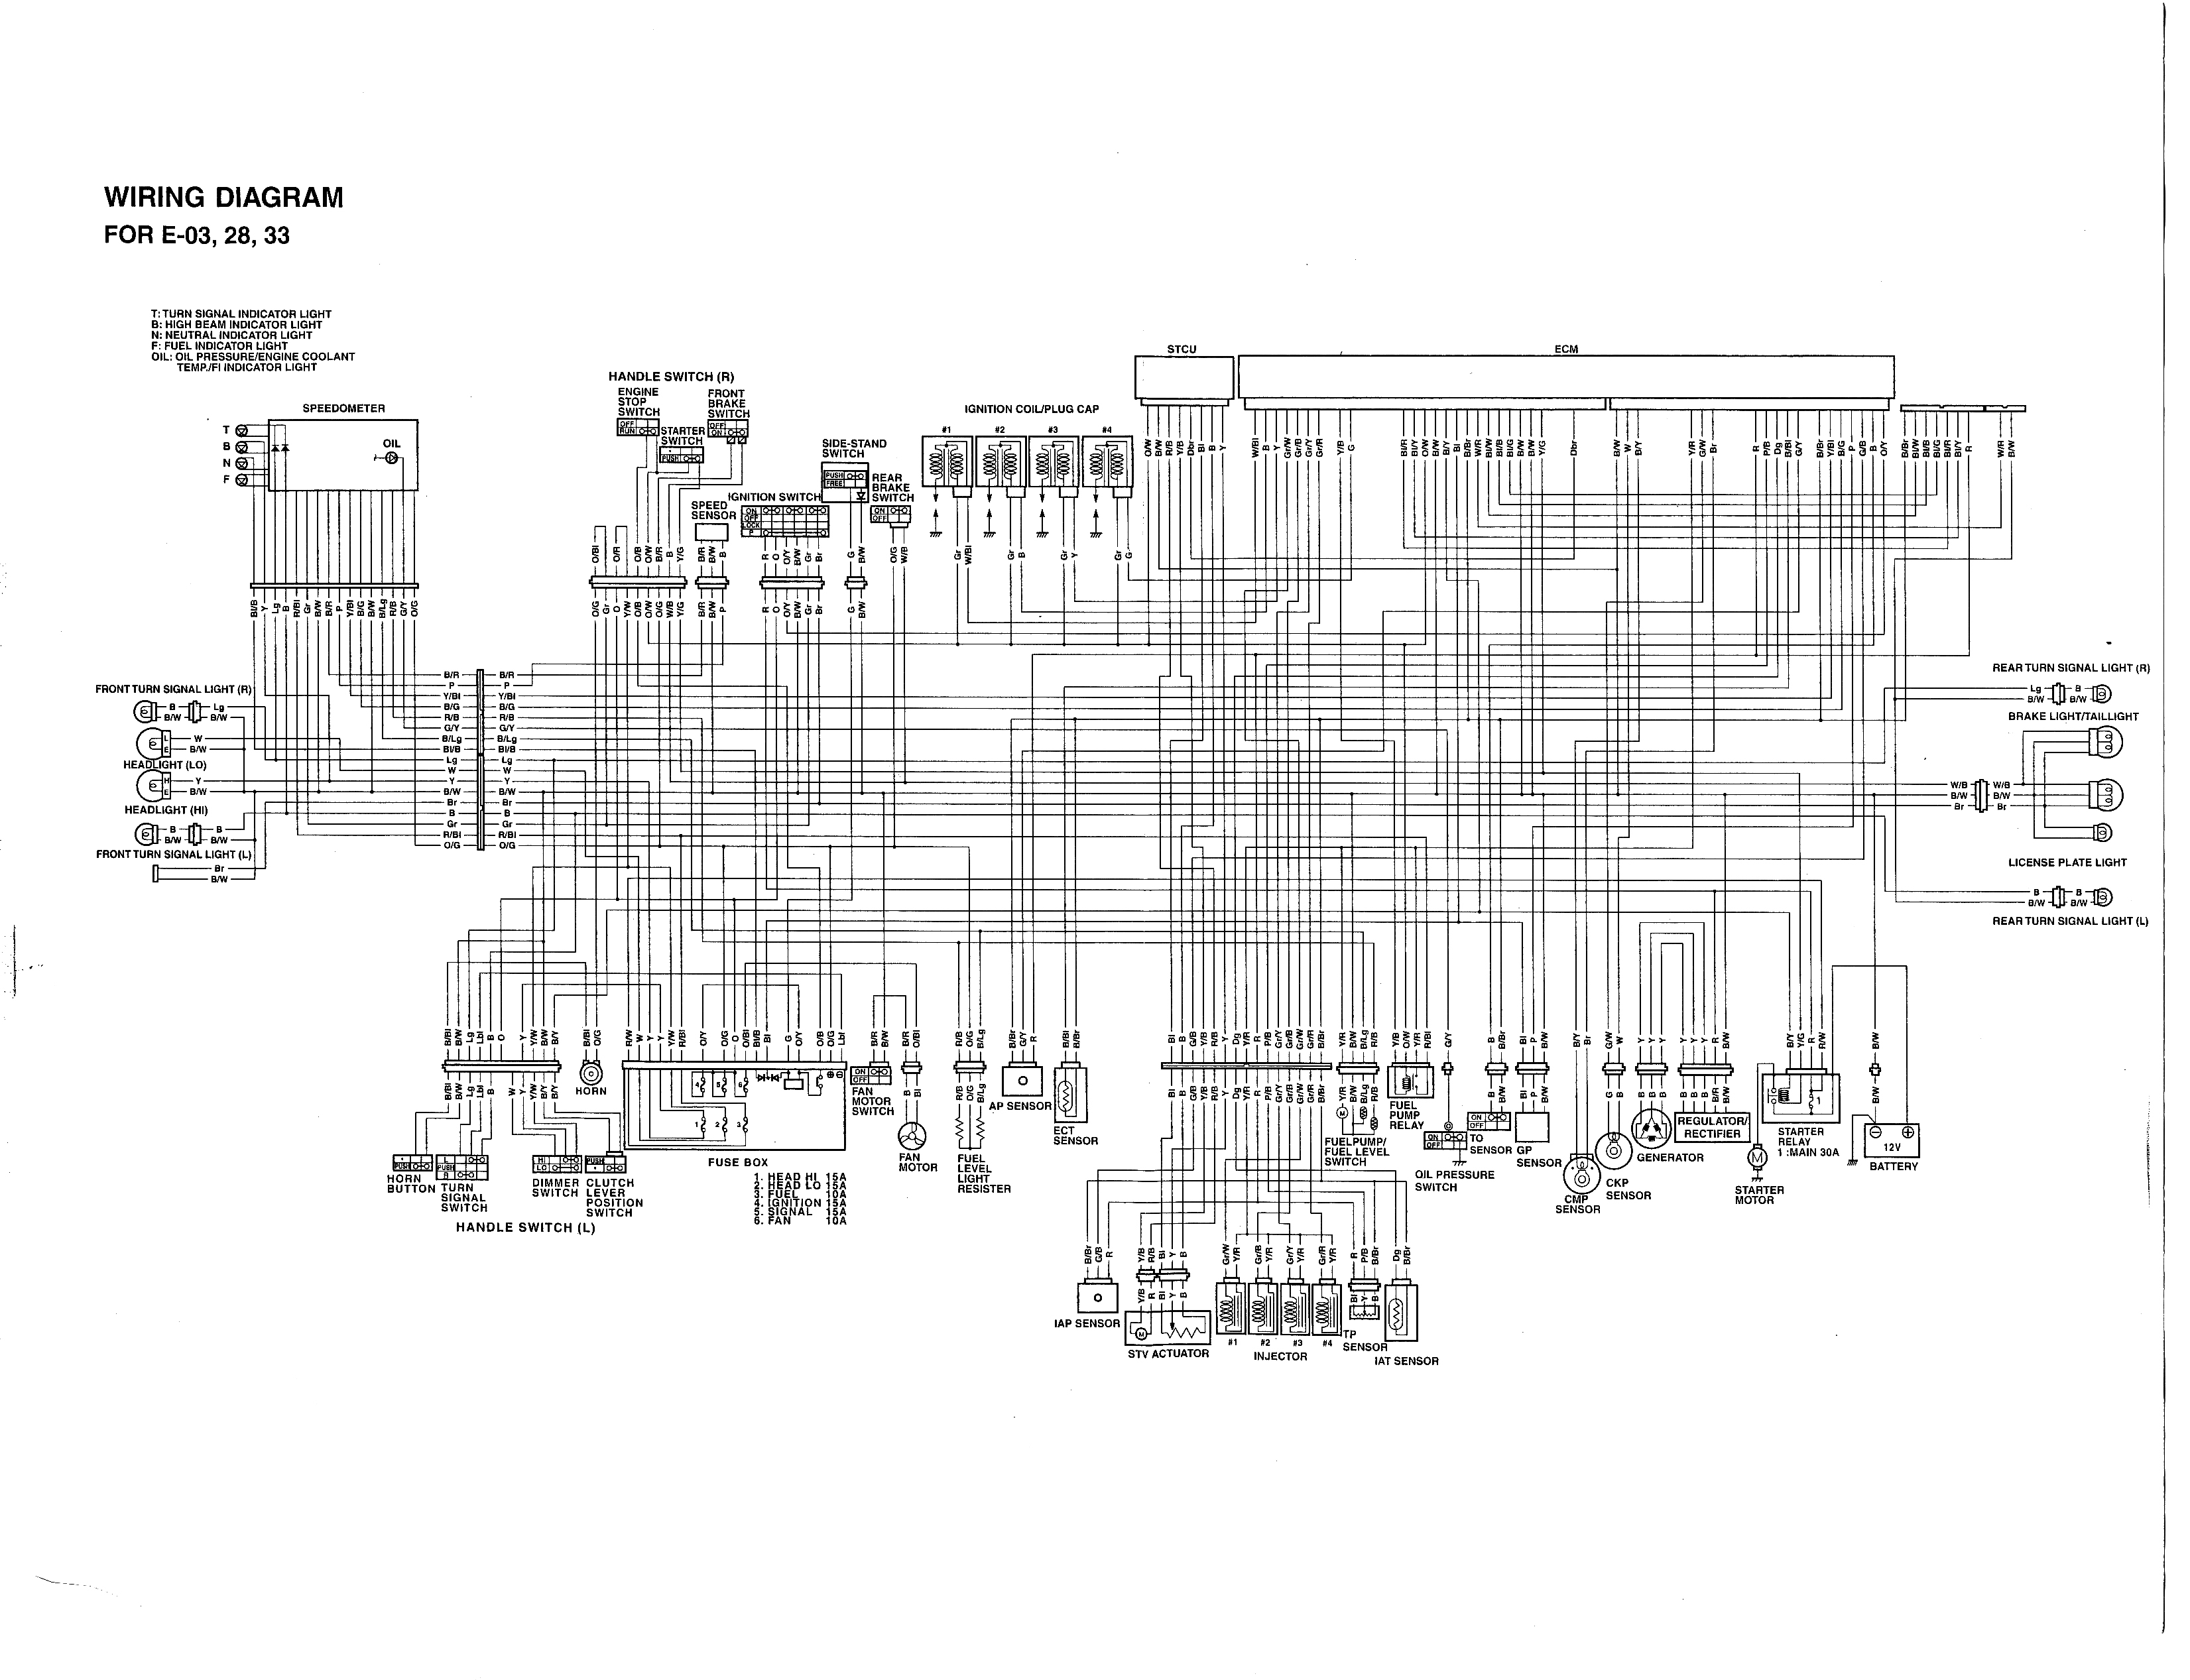 09 hayabusa wiring diagram   26 wiring diagram images